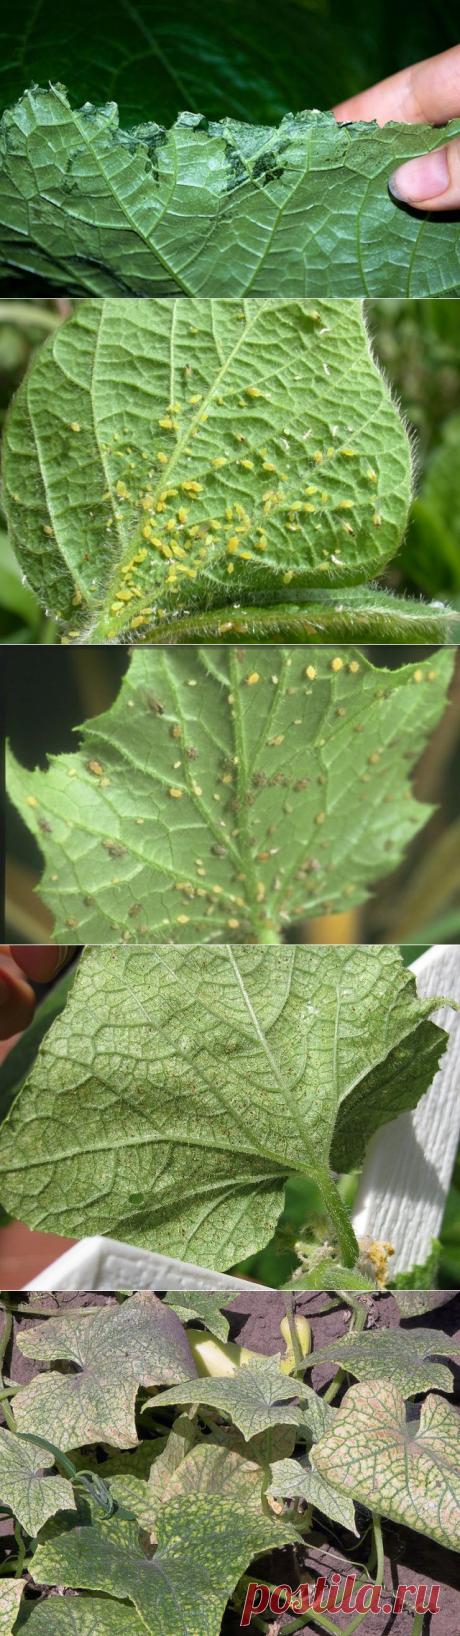 Вредители рассады огурцов и других видов сельскохозяйственных культур – как с ними бороться